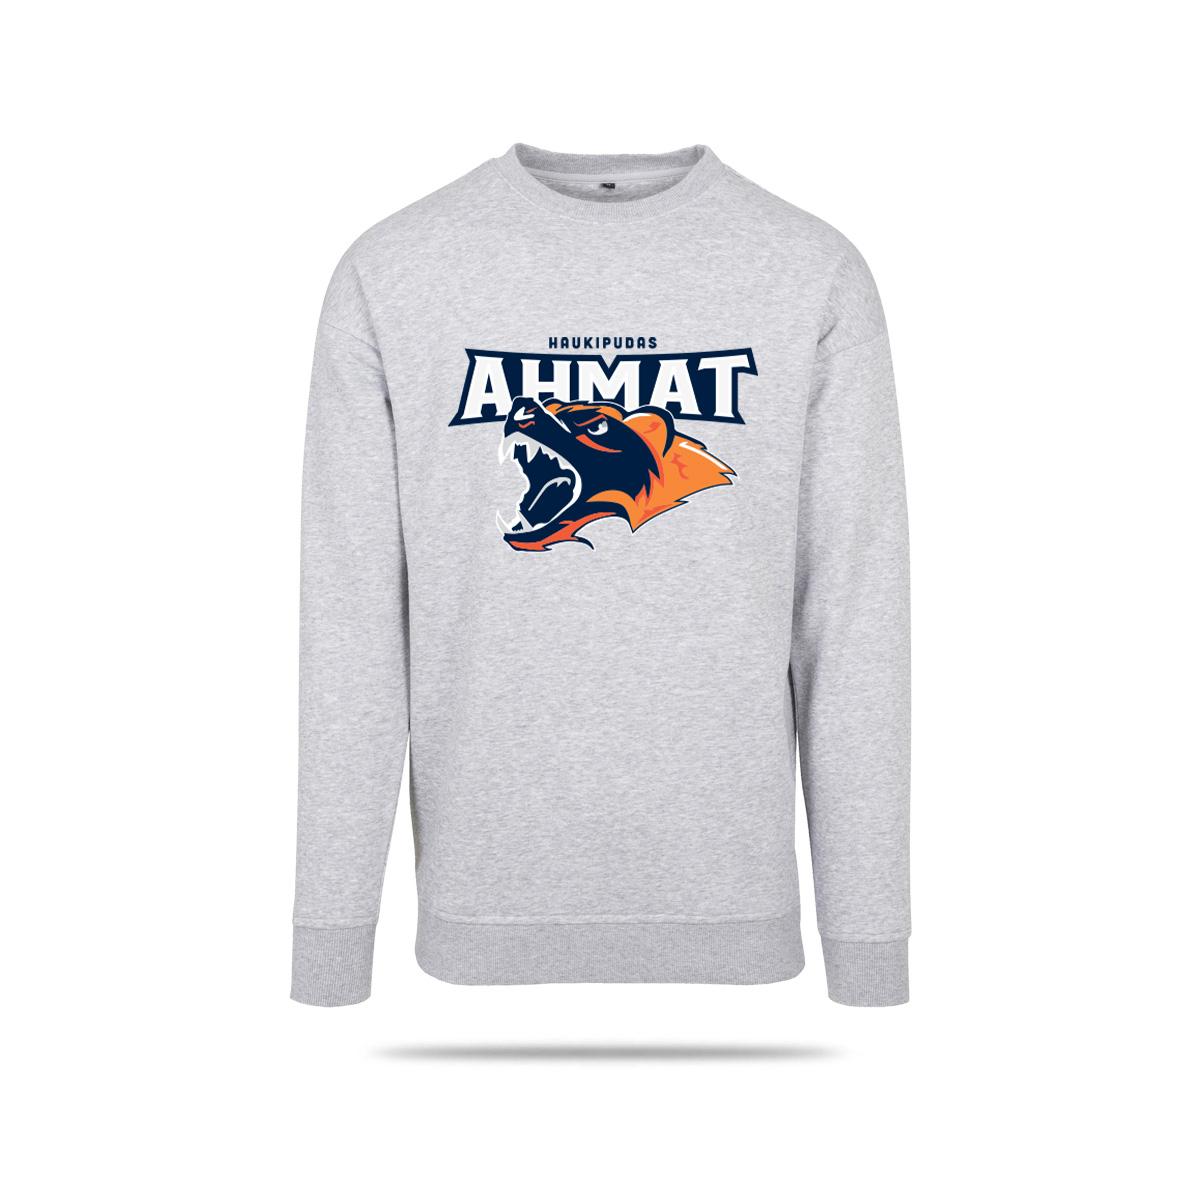 Ahmat-fani-6004-harmaa-original